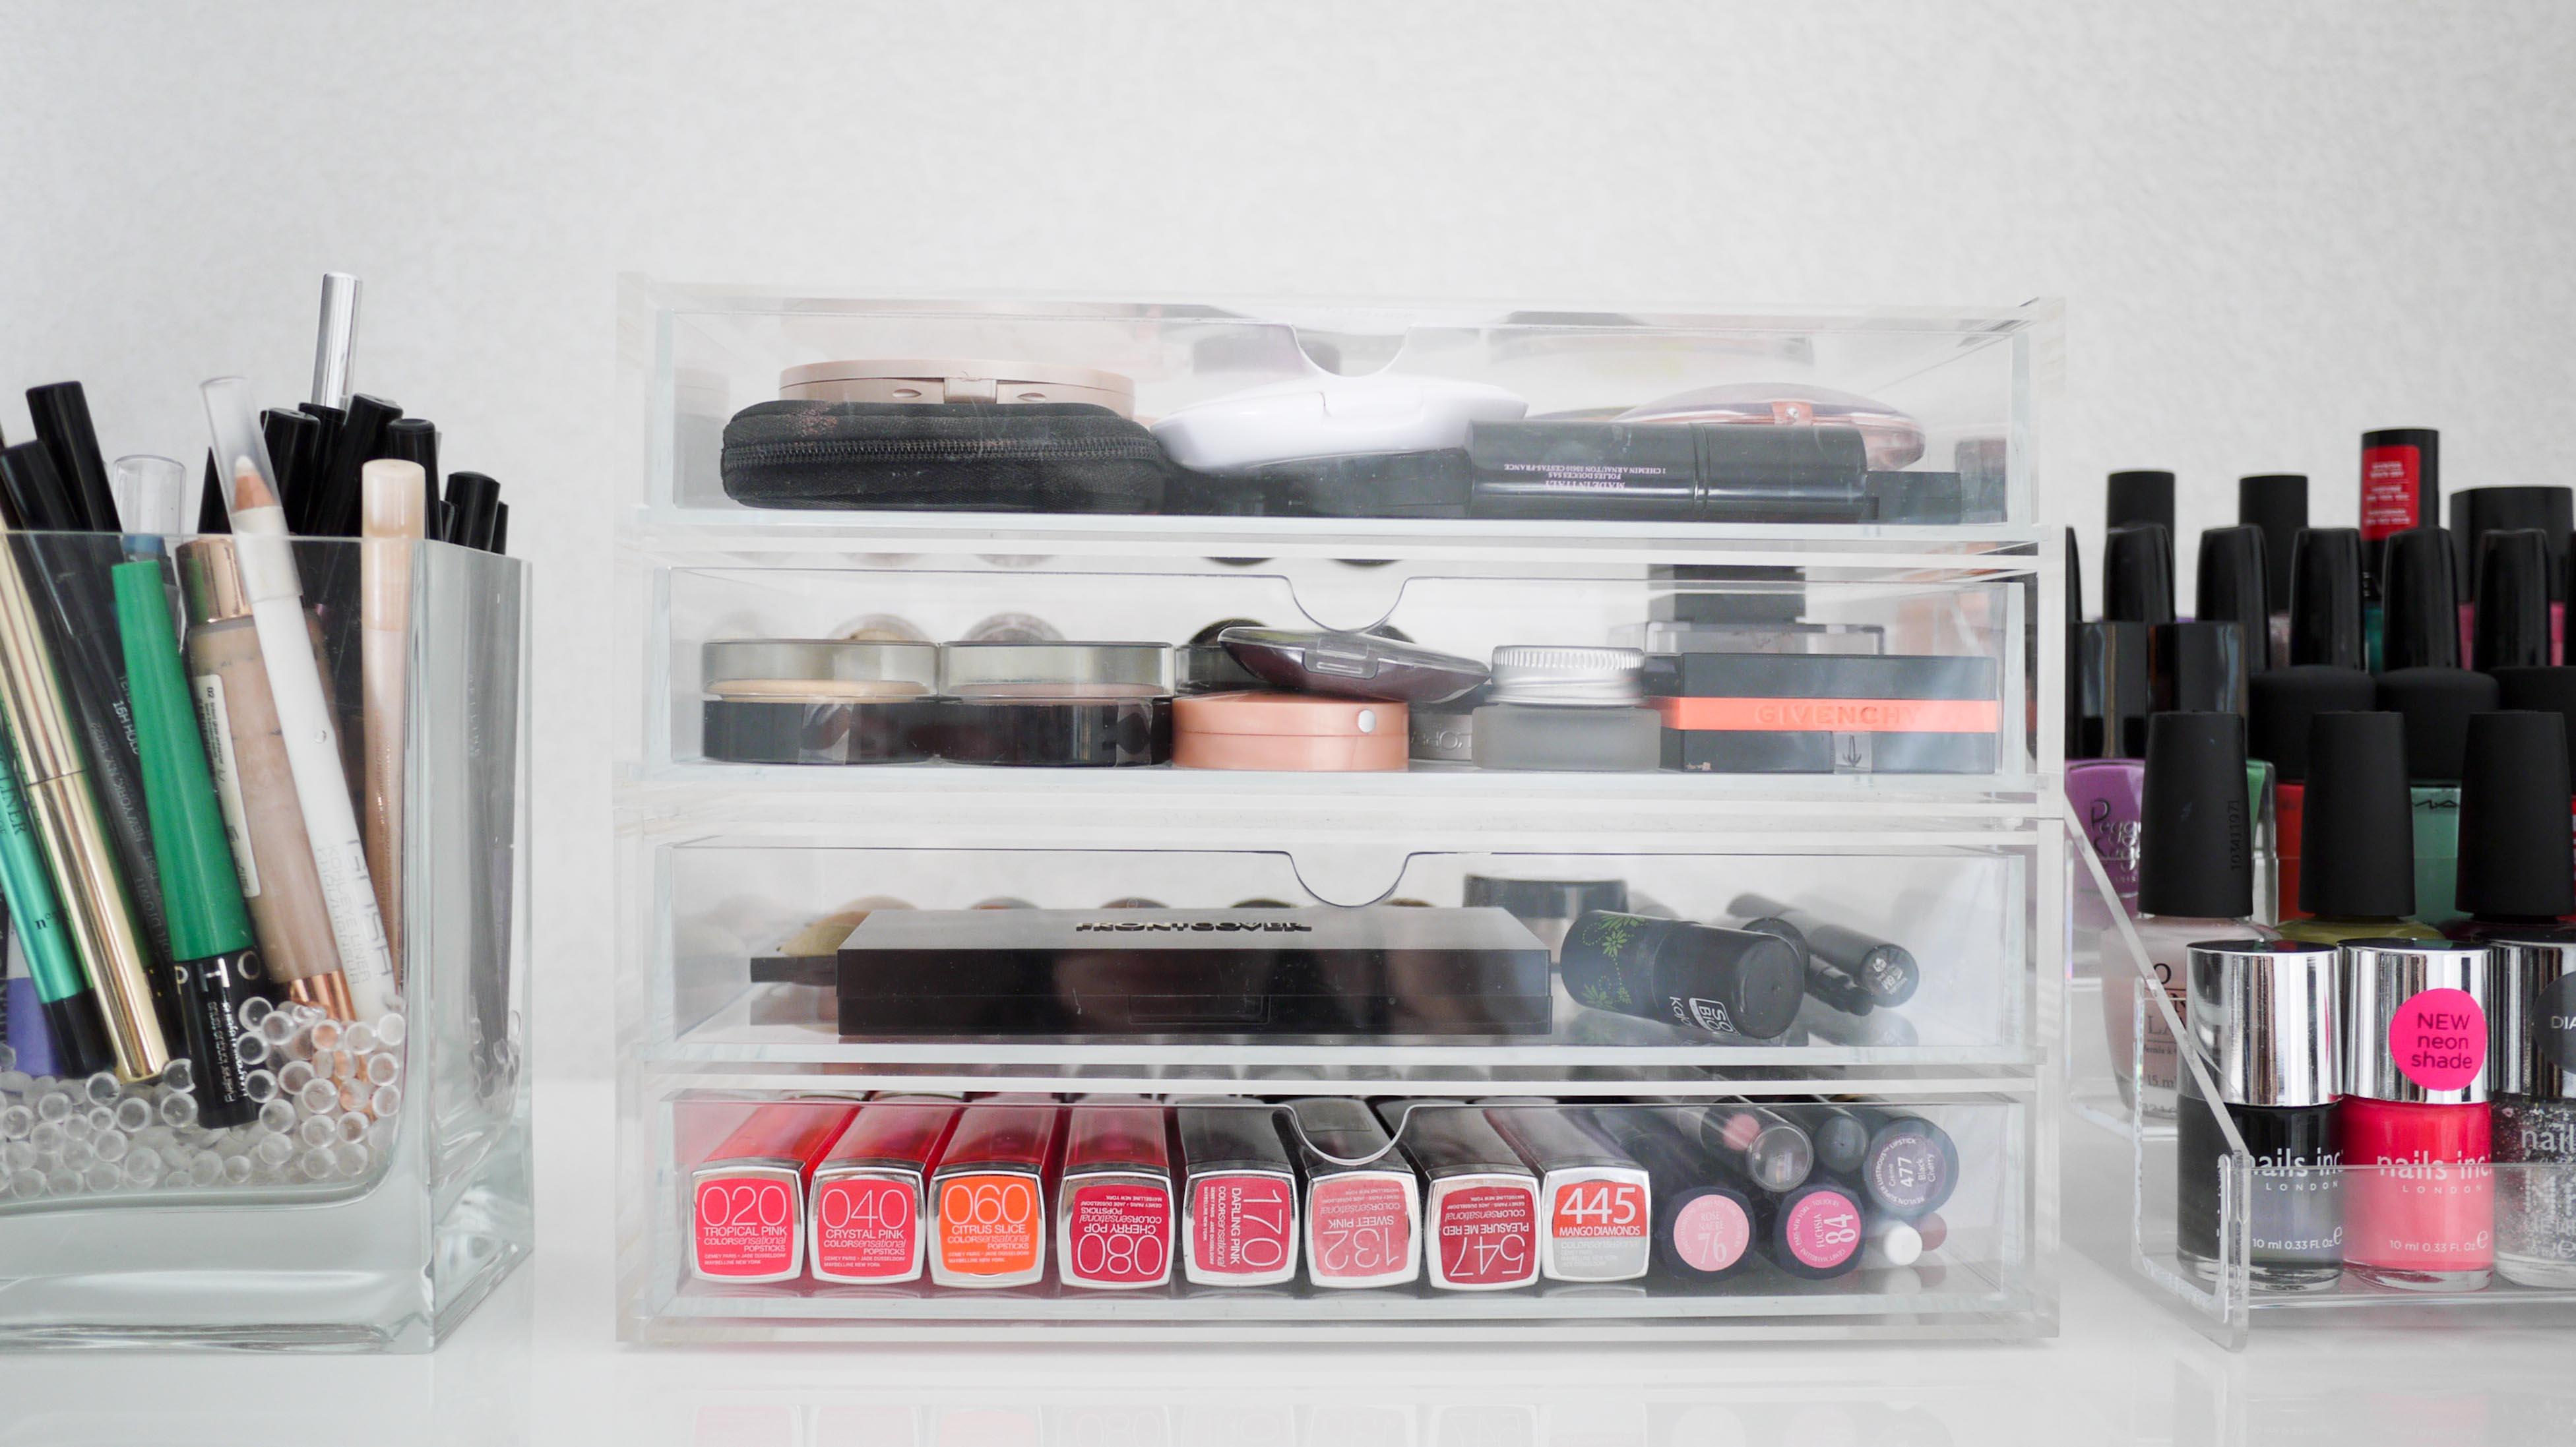 rangement maquillage tout ce qu 39 il faut savoir pour s 39 organiser. Black Bedroom Furniture Sets. Home Design Ideas